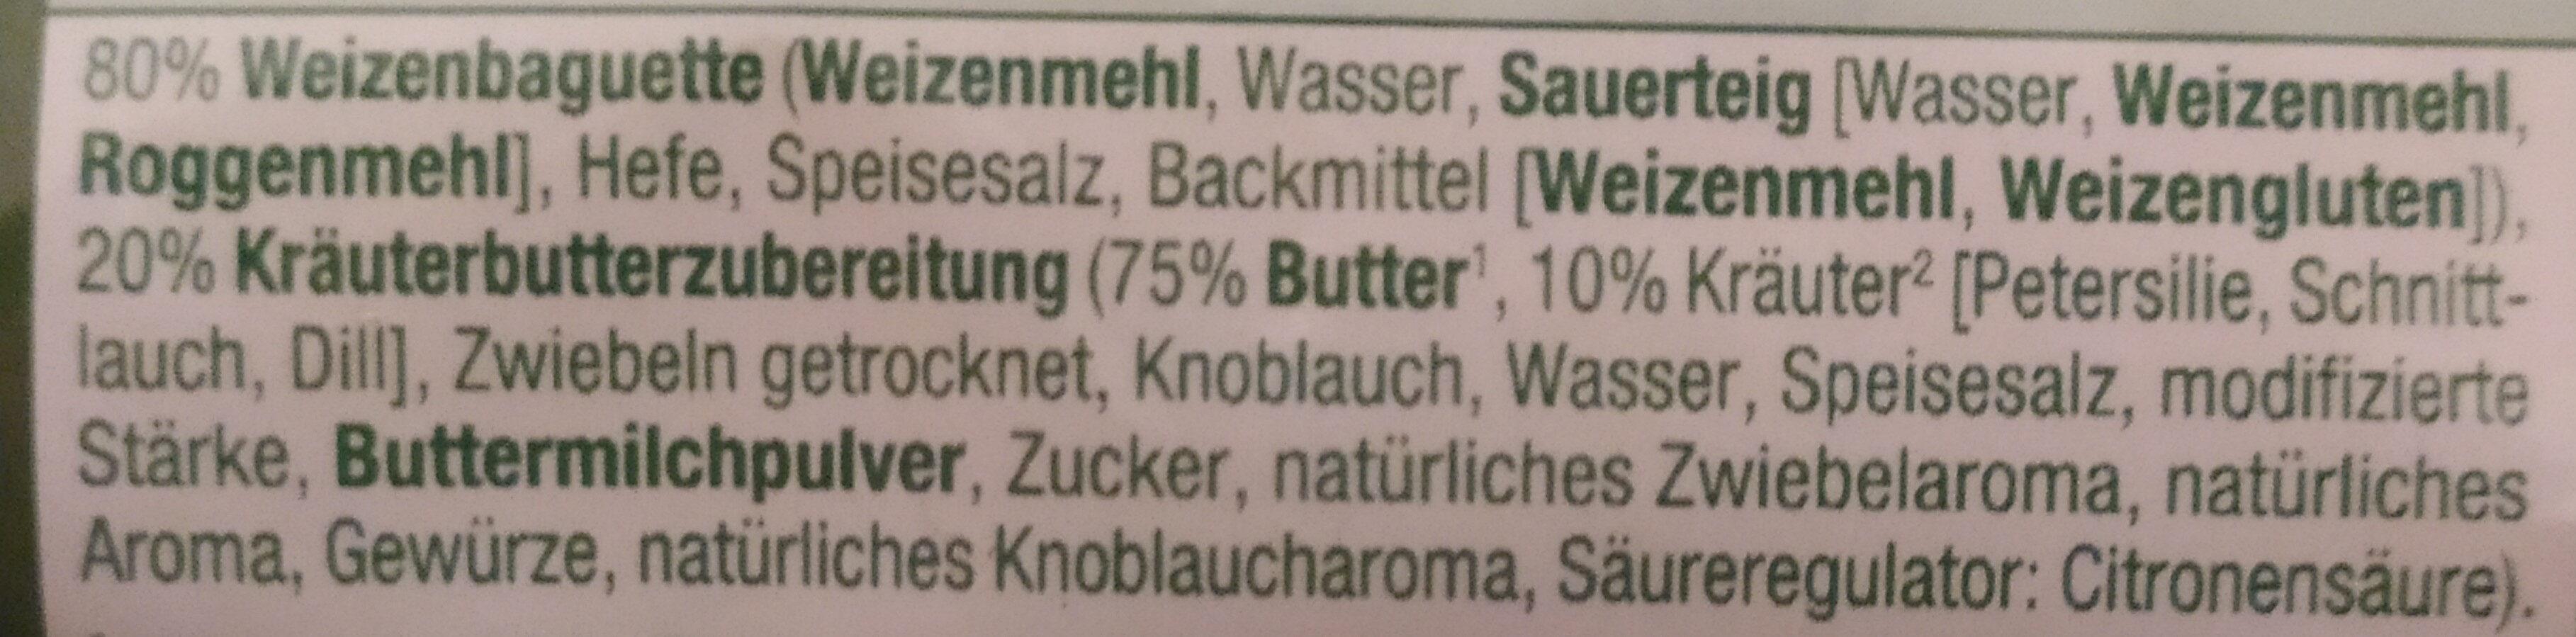 Kräuter Baguette mit Kräuterbutterzubereitung gefüllt - Ingredients - de